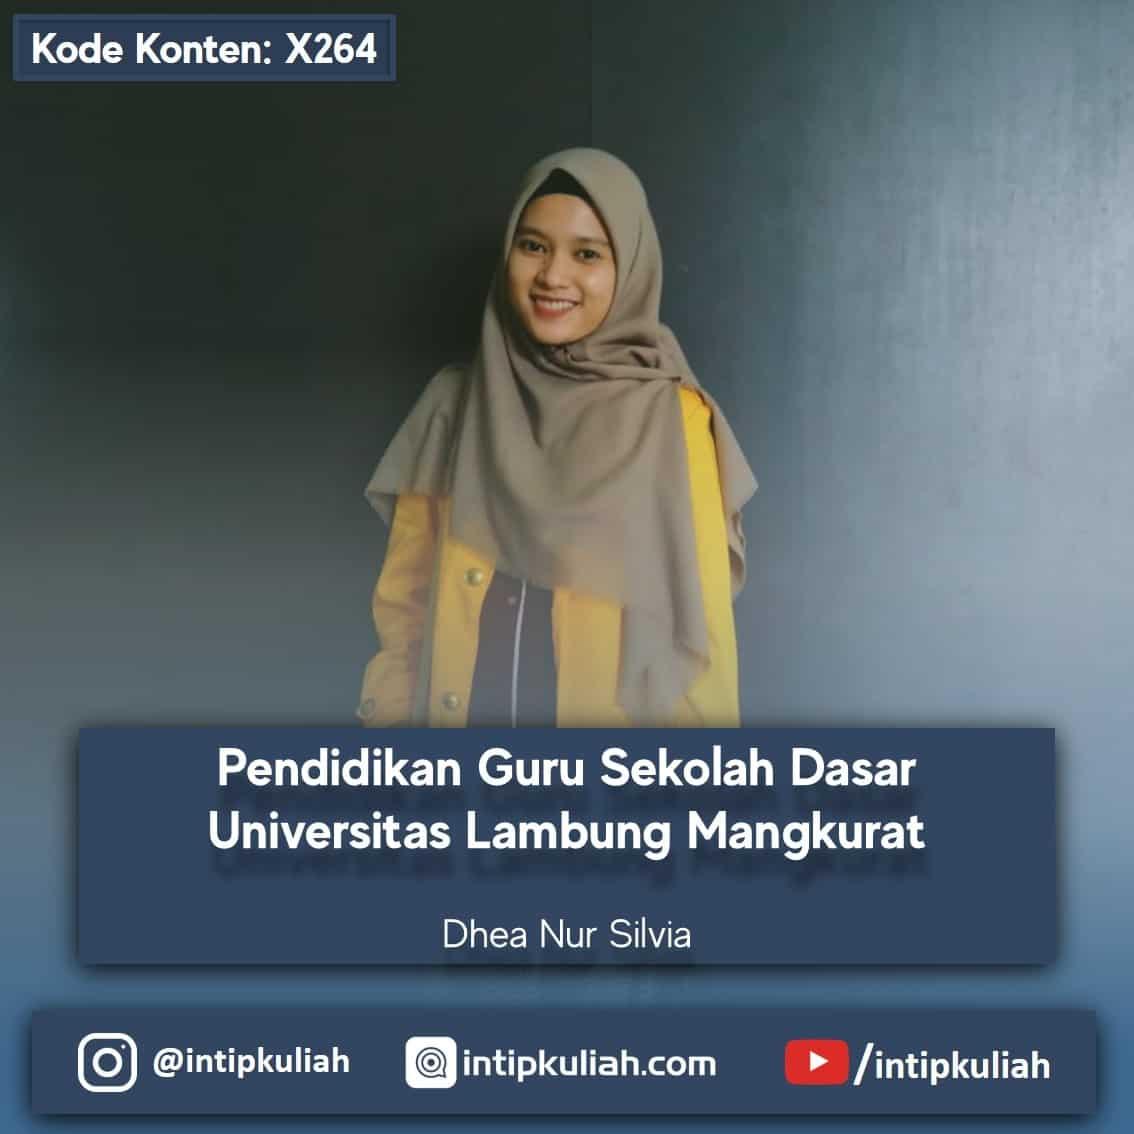 PGSD Universitas Lambung Mangkurat (Dhea)